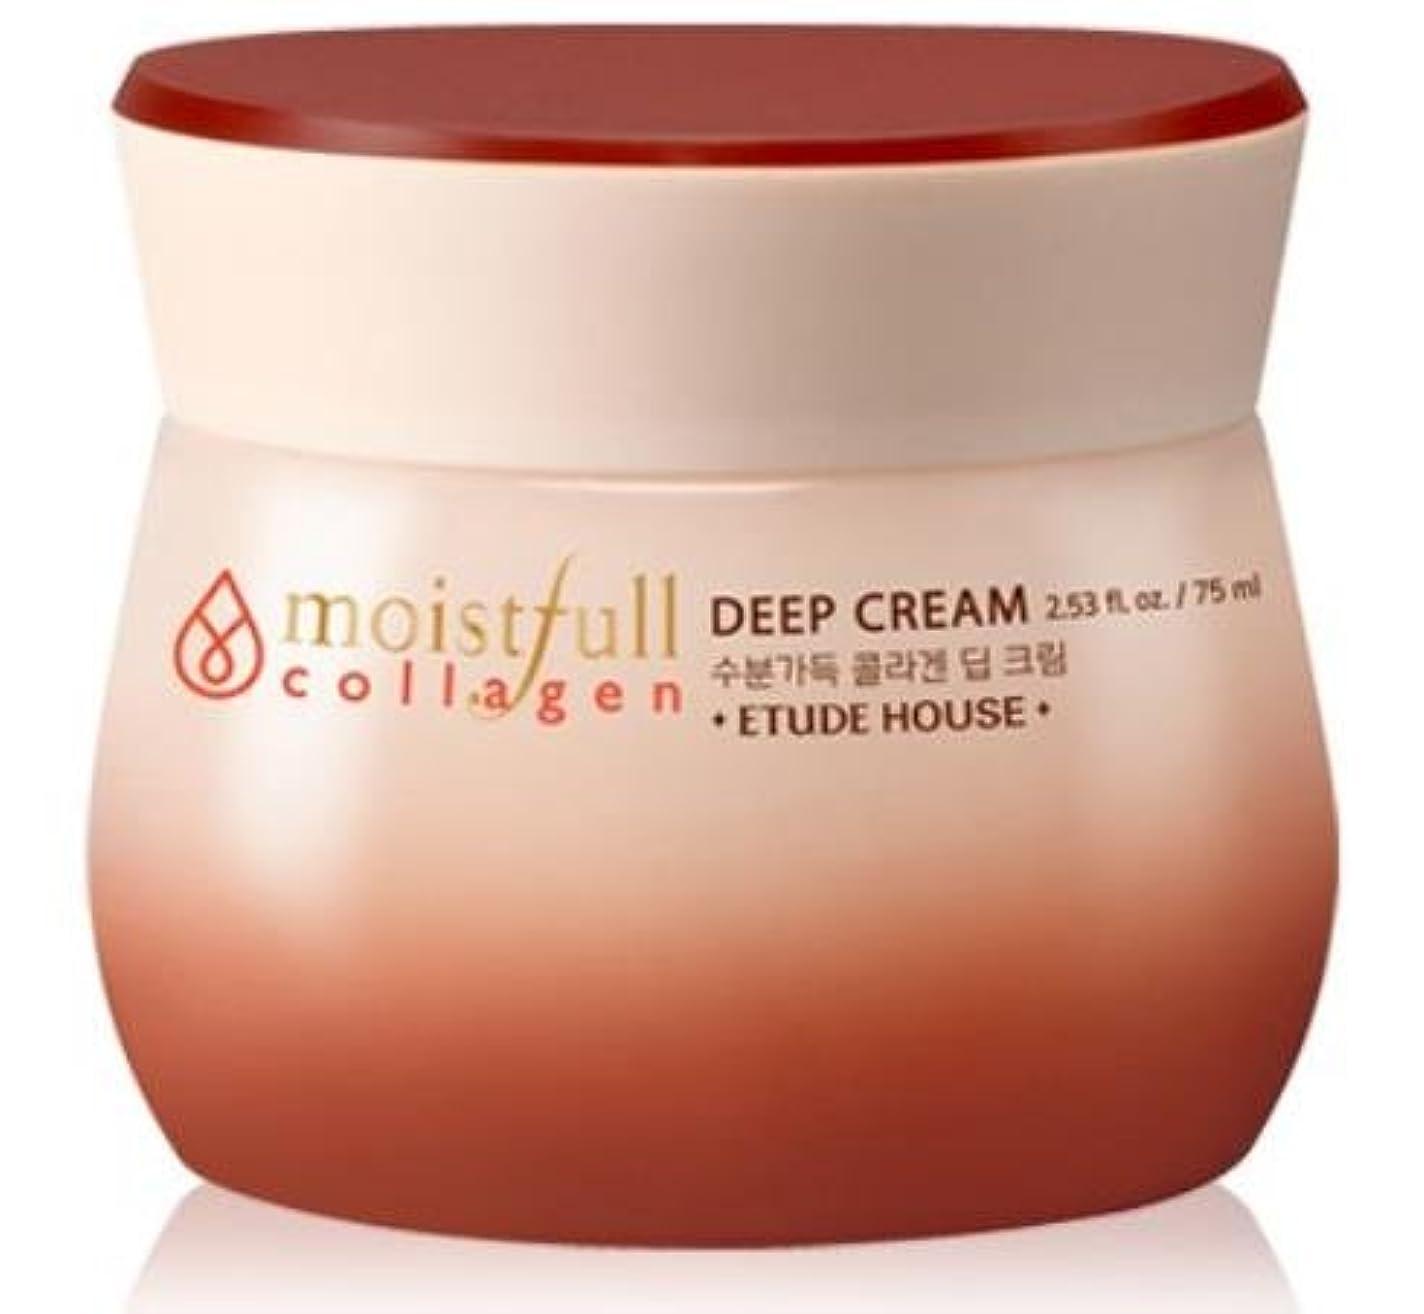 アルプス不要刺す[エチュードハウス] ETUDE HOUSE [モイストフルコラーゲ 深いクリーム] (Moistfull Collagen Deep Cream) [並行輸入品]